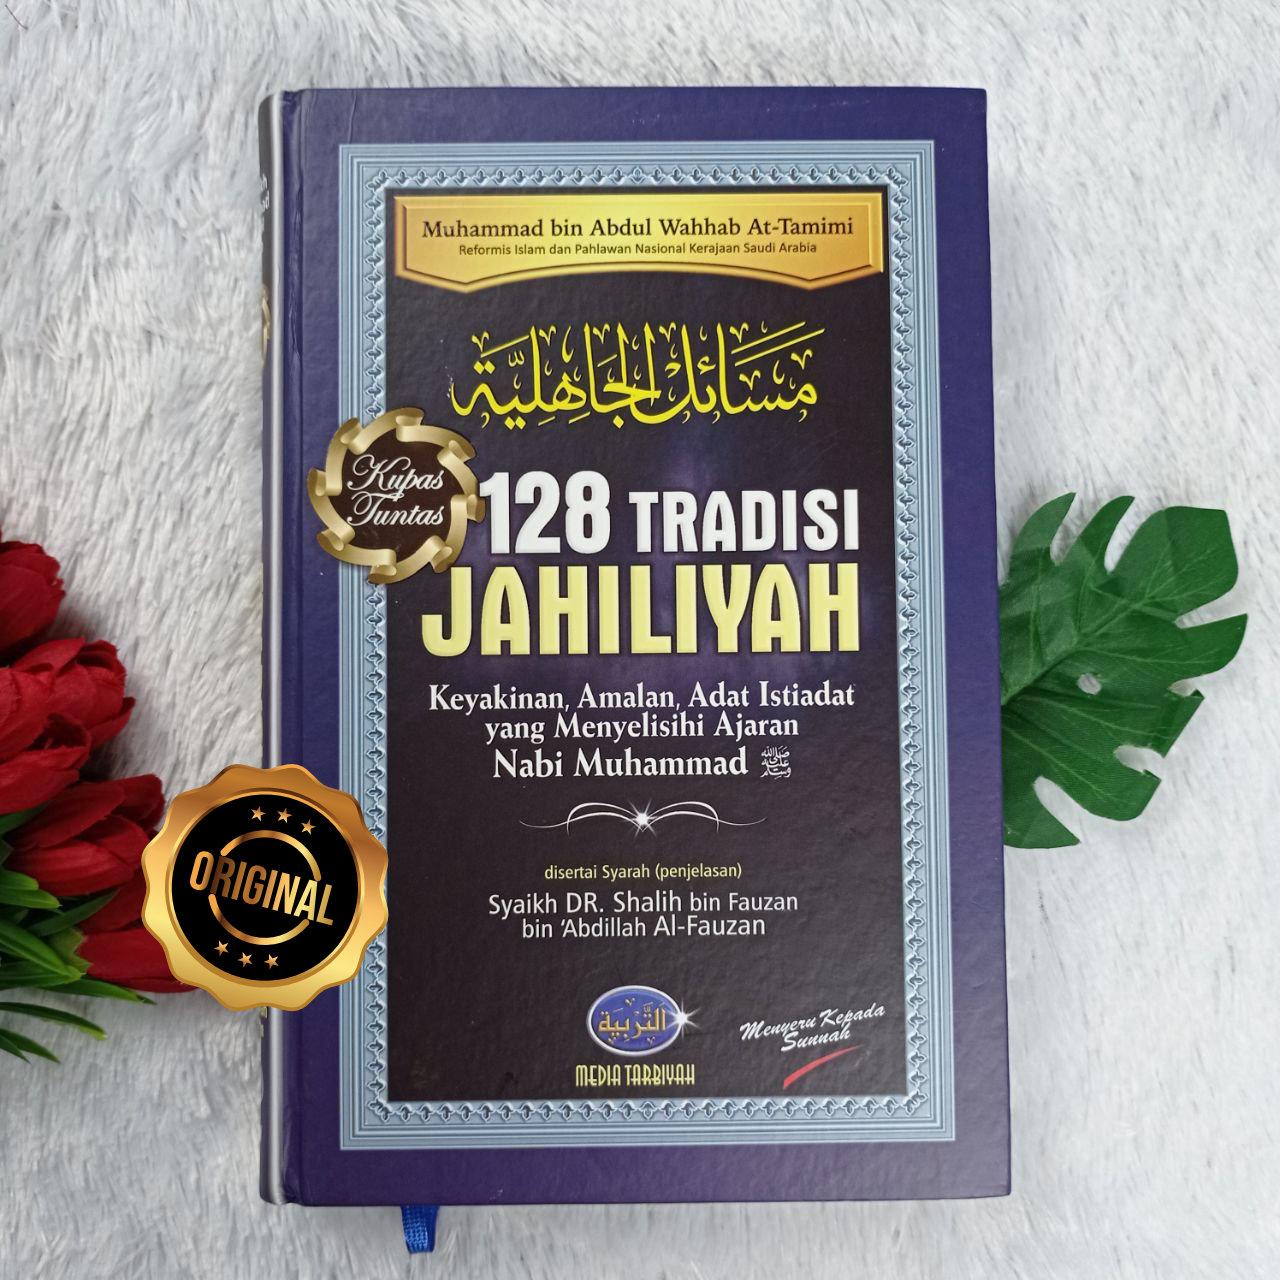 Buku 128 Tradisi Jahiliyah Keyakinan Adat Yang Menyelisihi Ajaran Nabi Muhammad